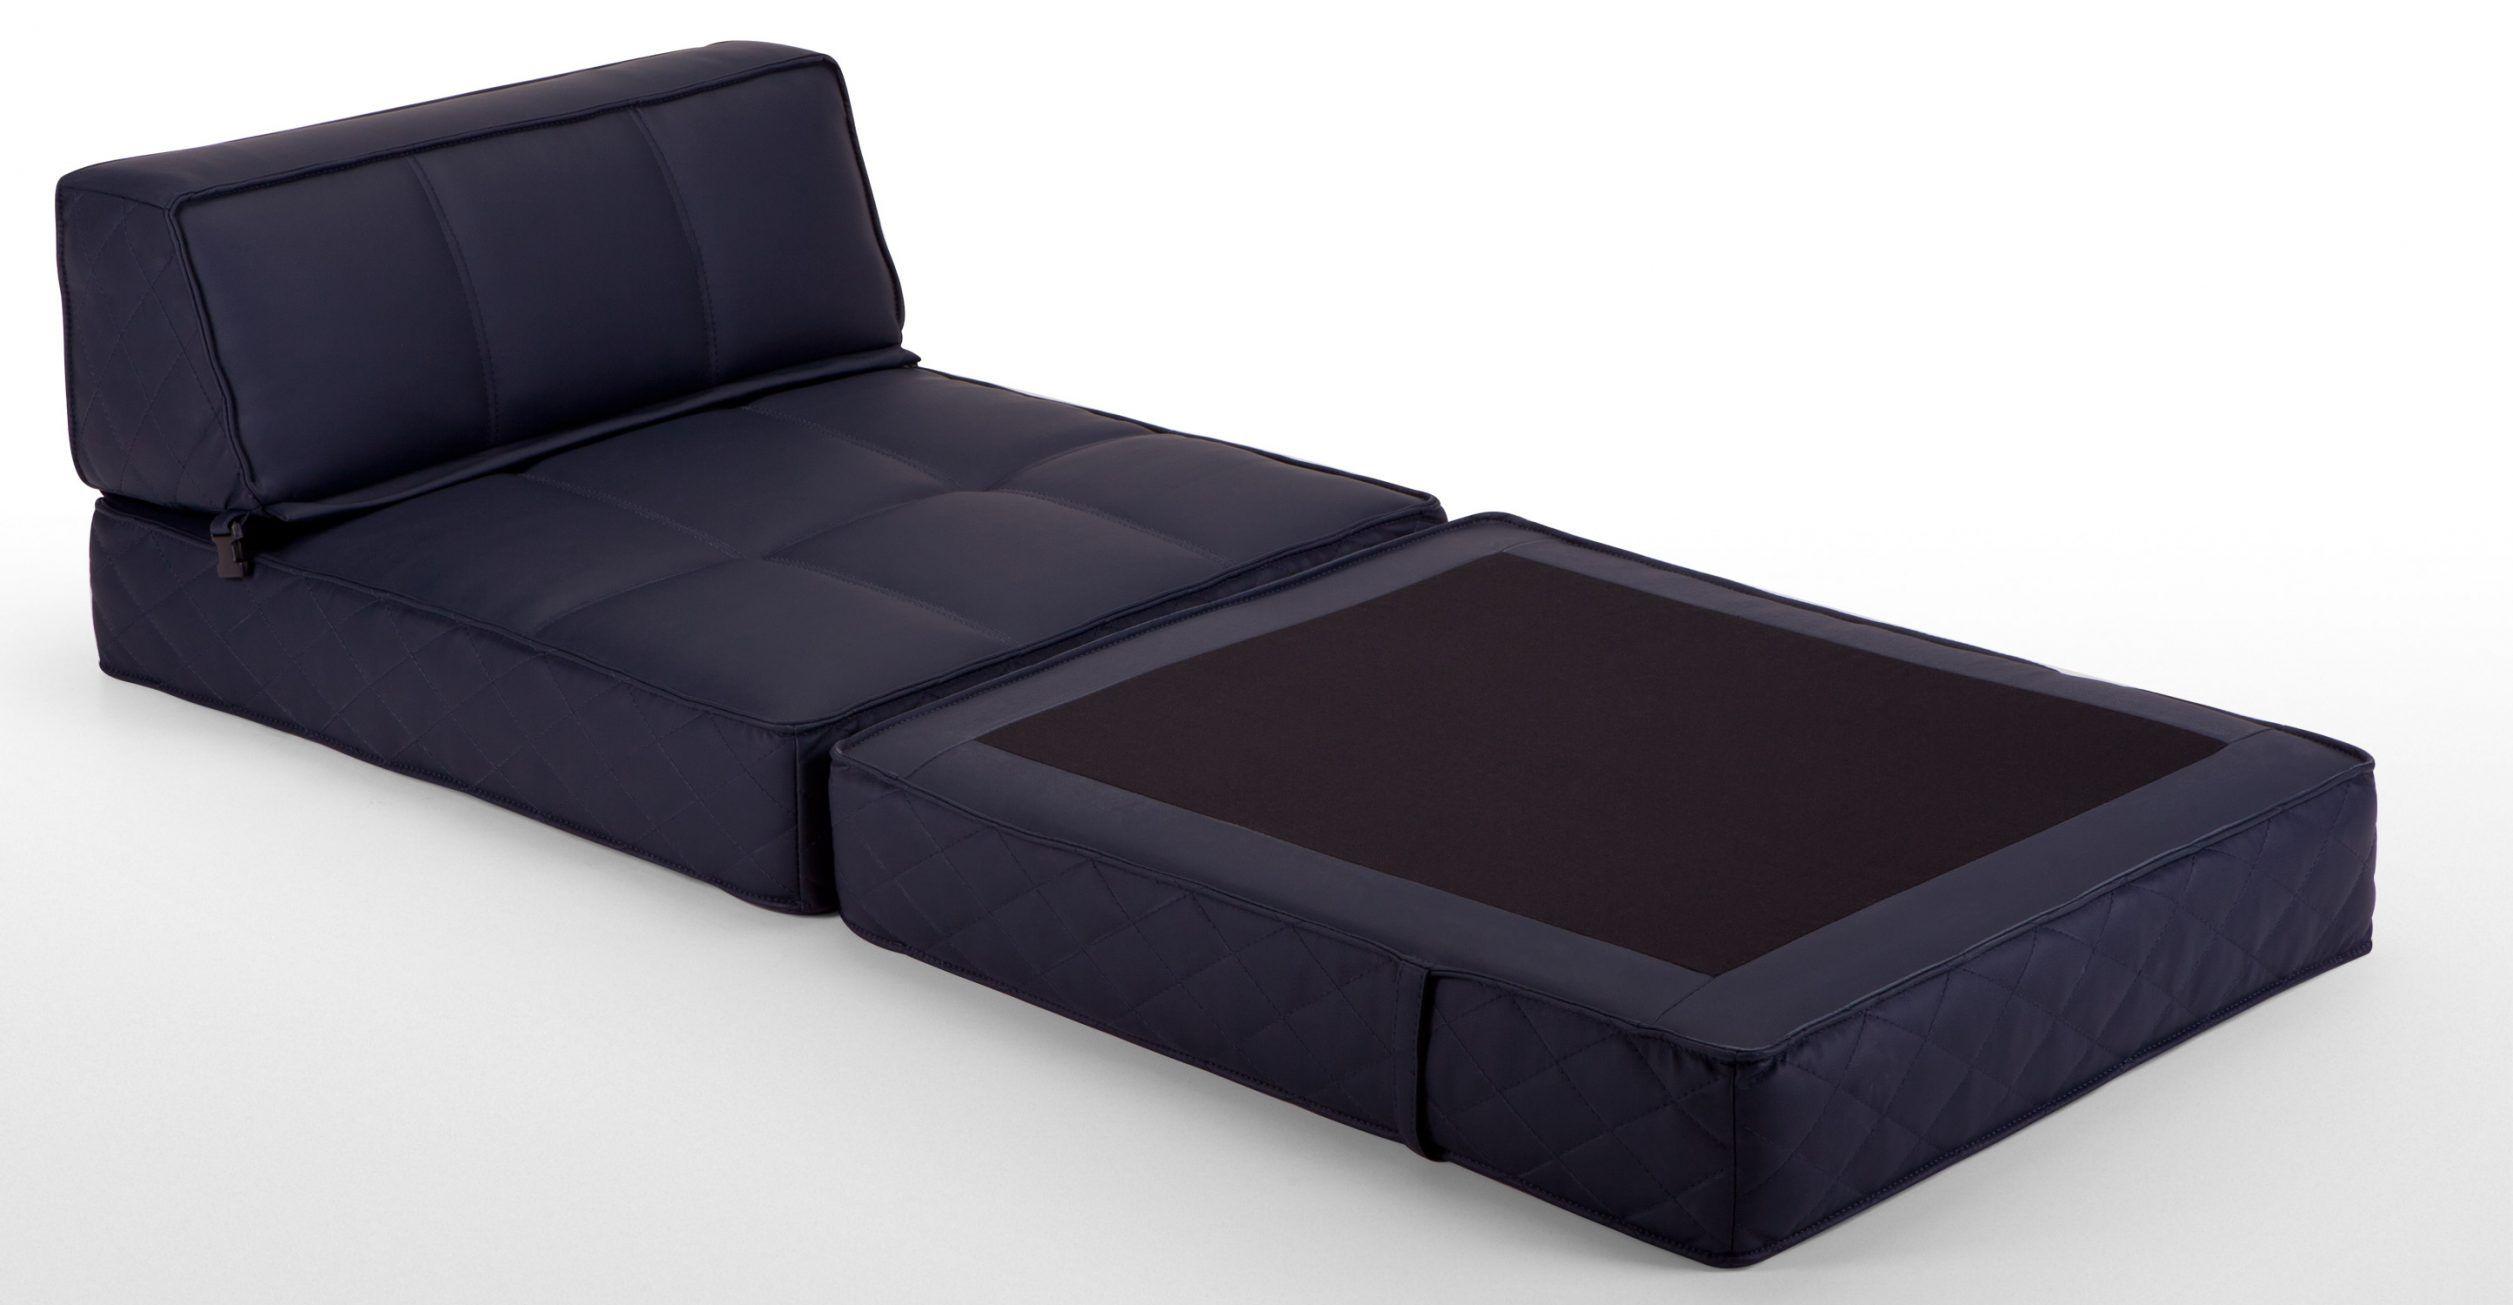 - Osmanische Matratze Stuhl Bett Falten Schläfer Osmanischen